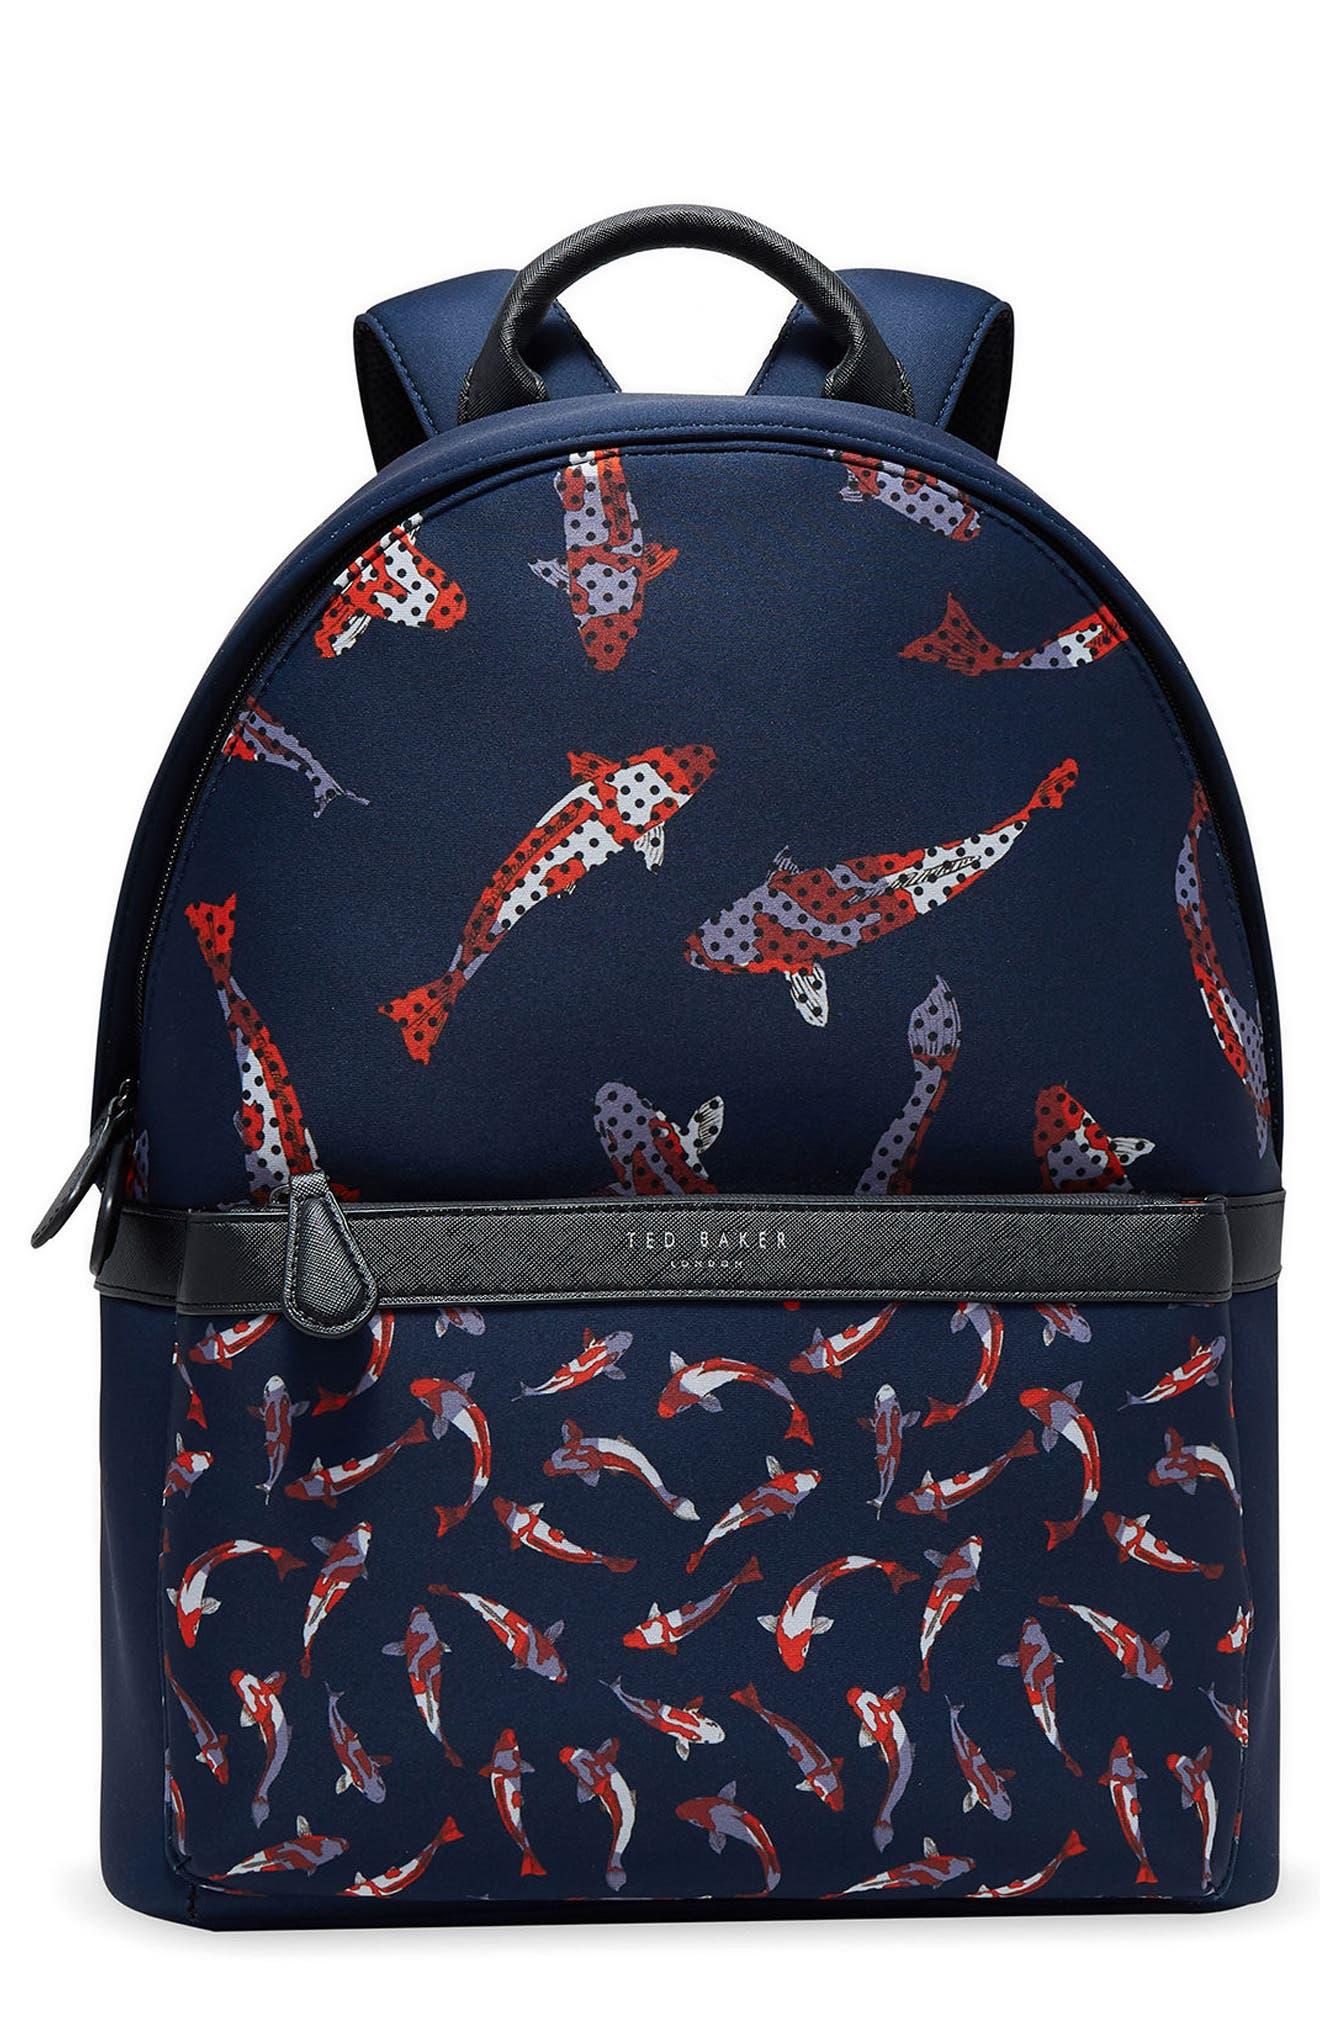 Ted Baker London Printed Neoprene Backpack